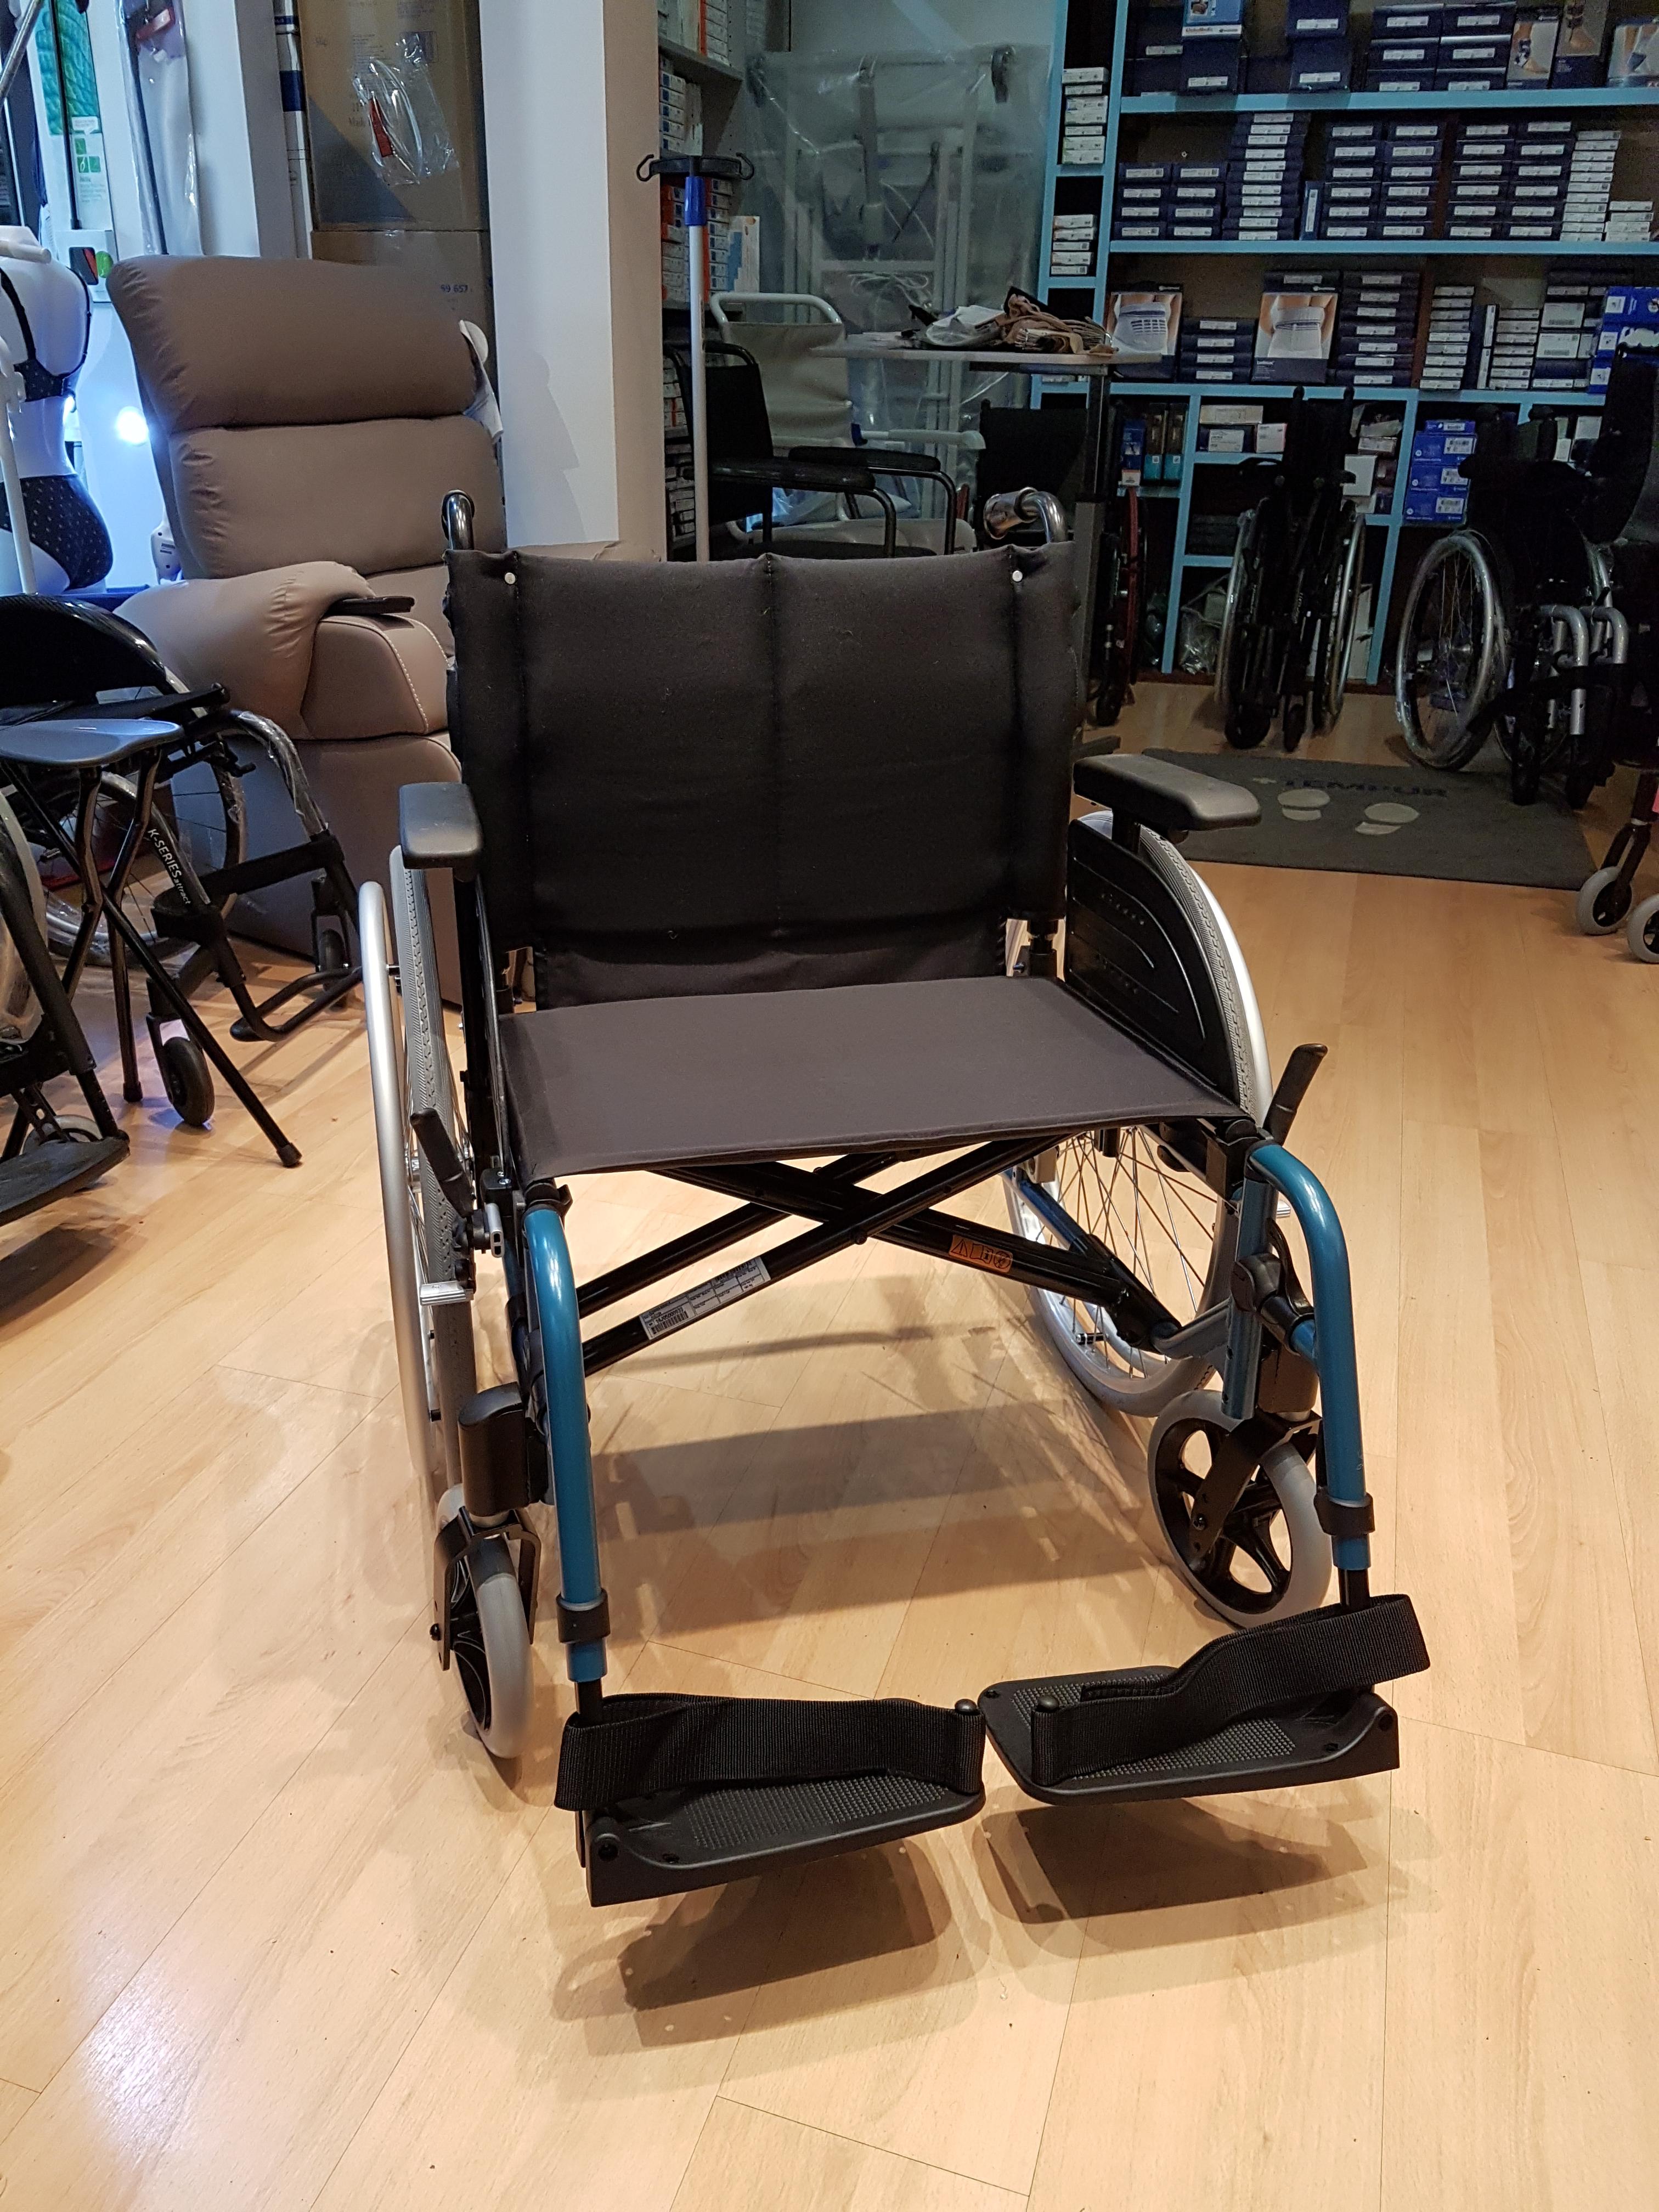 location de fauteuils roulants horus m dical orthop die. Black Bedroom Furniture Sets. Home Design Ideas